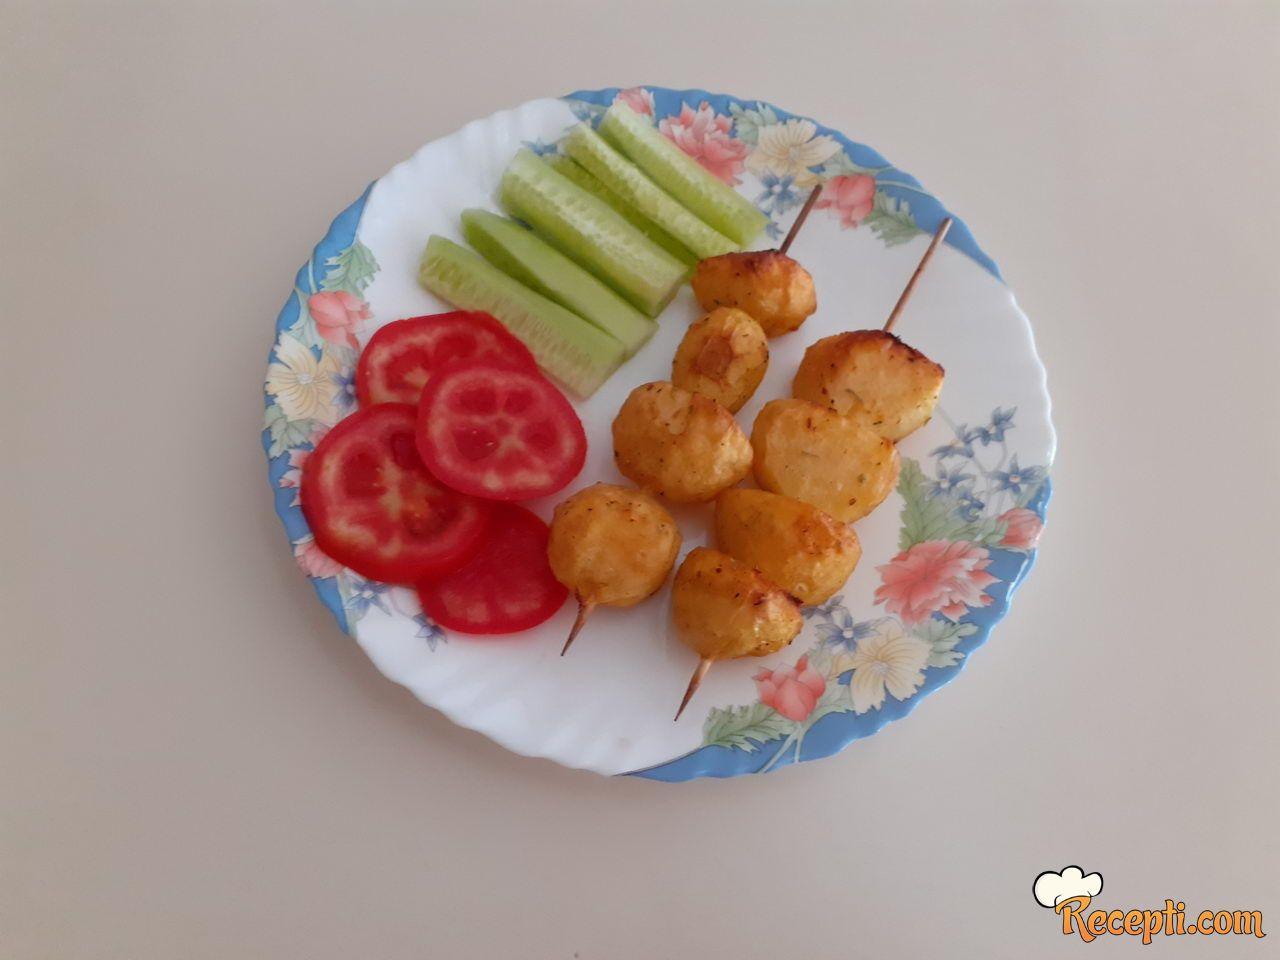 Krompir na ražnjiću